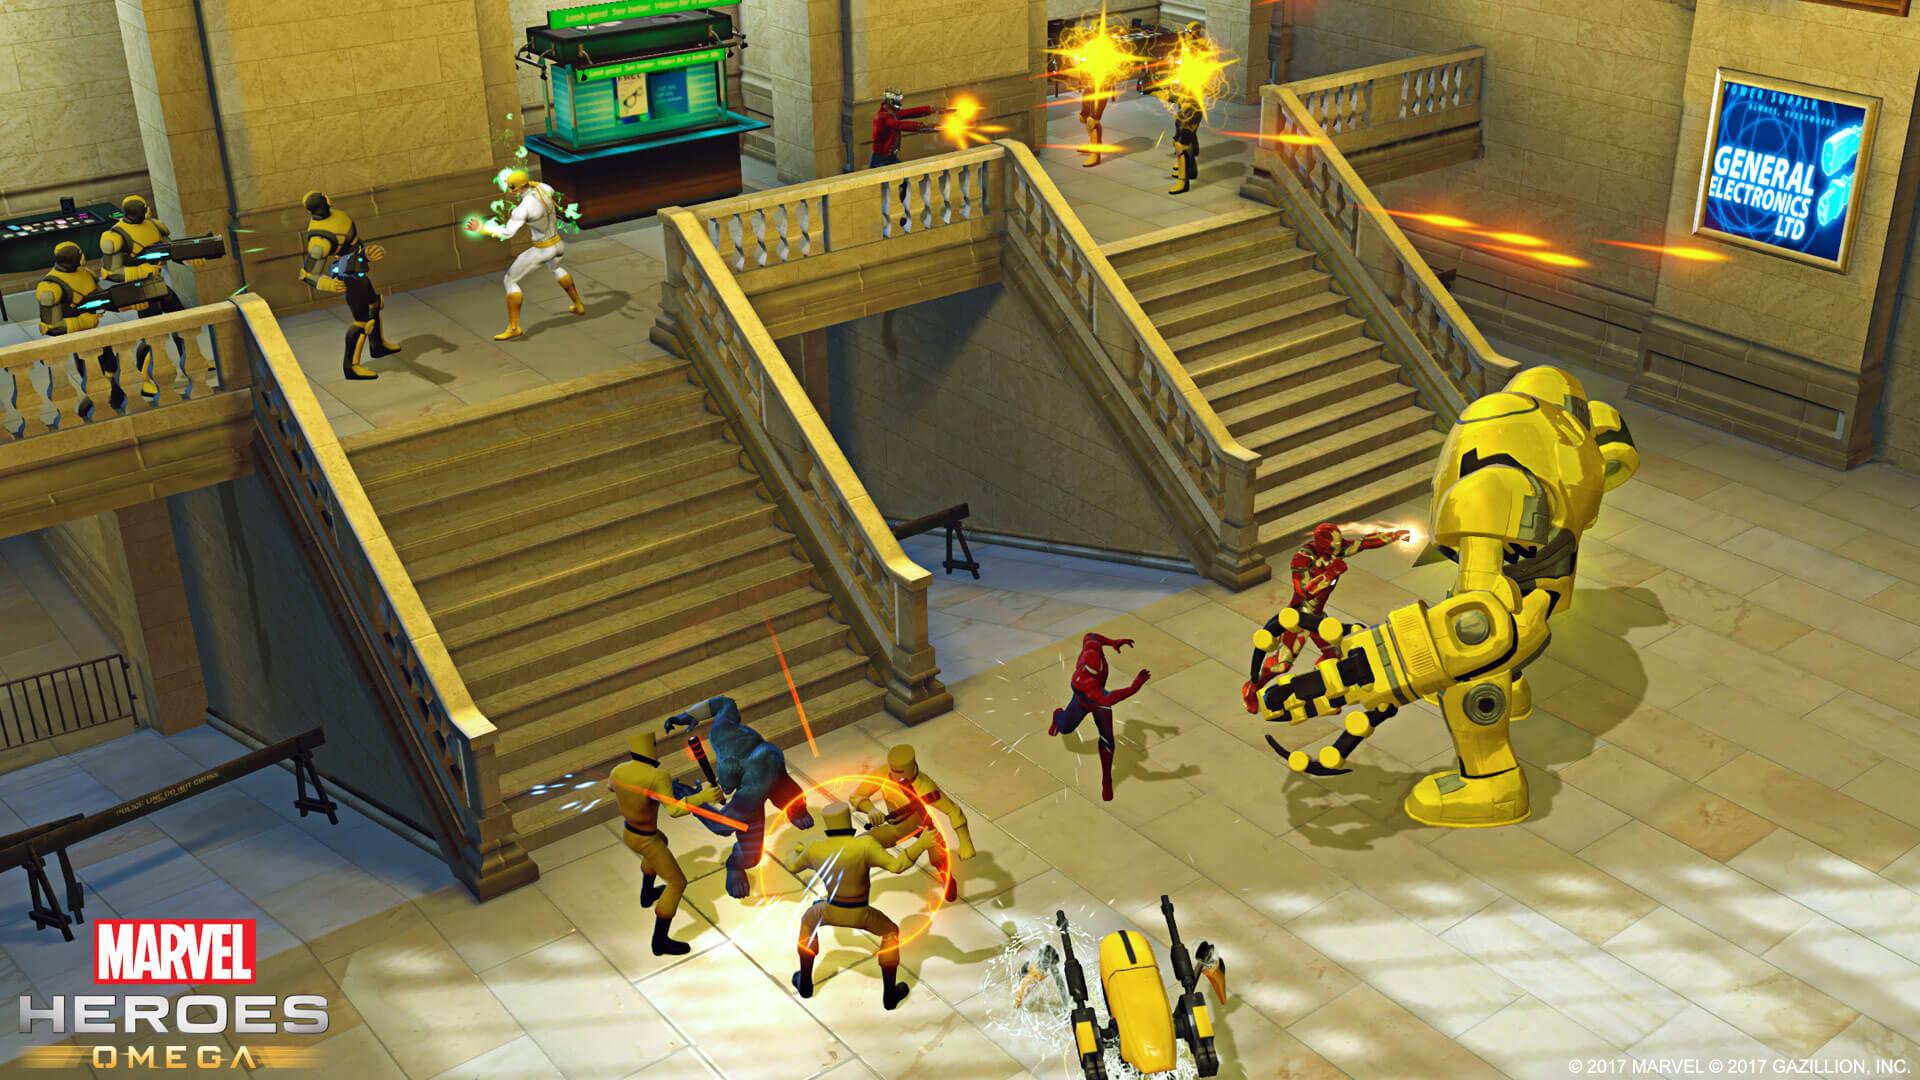 Marvel Heroes Omega Mission